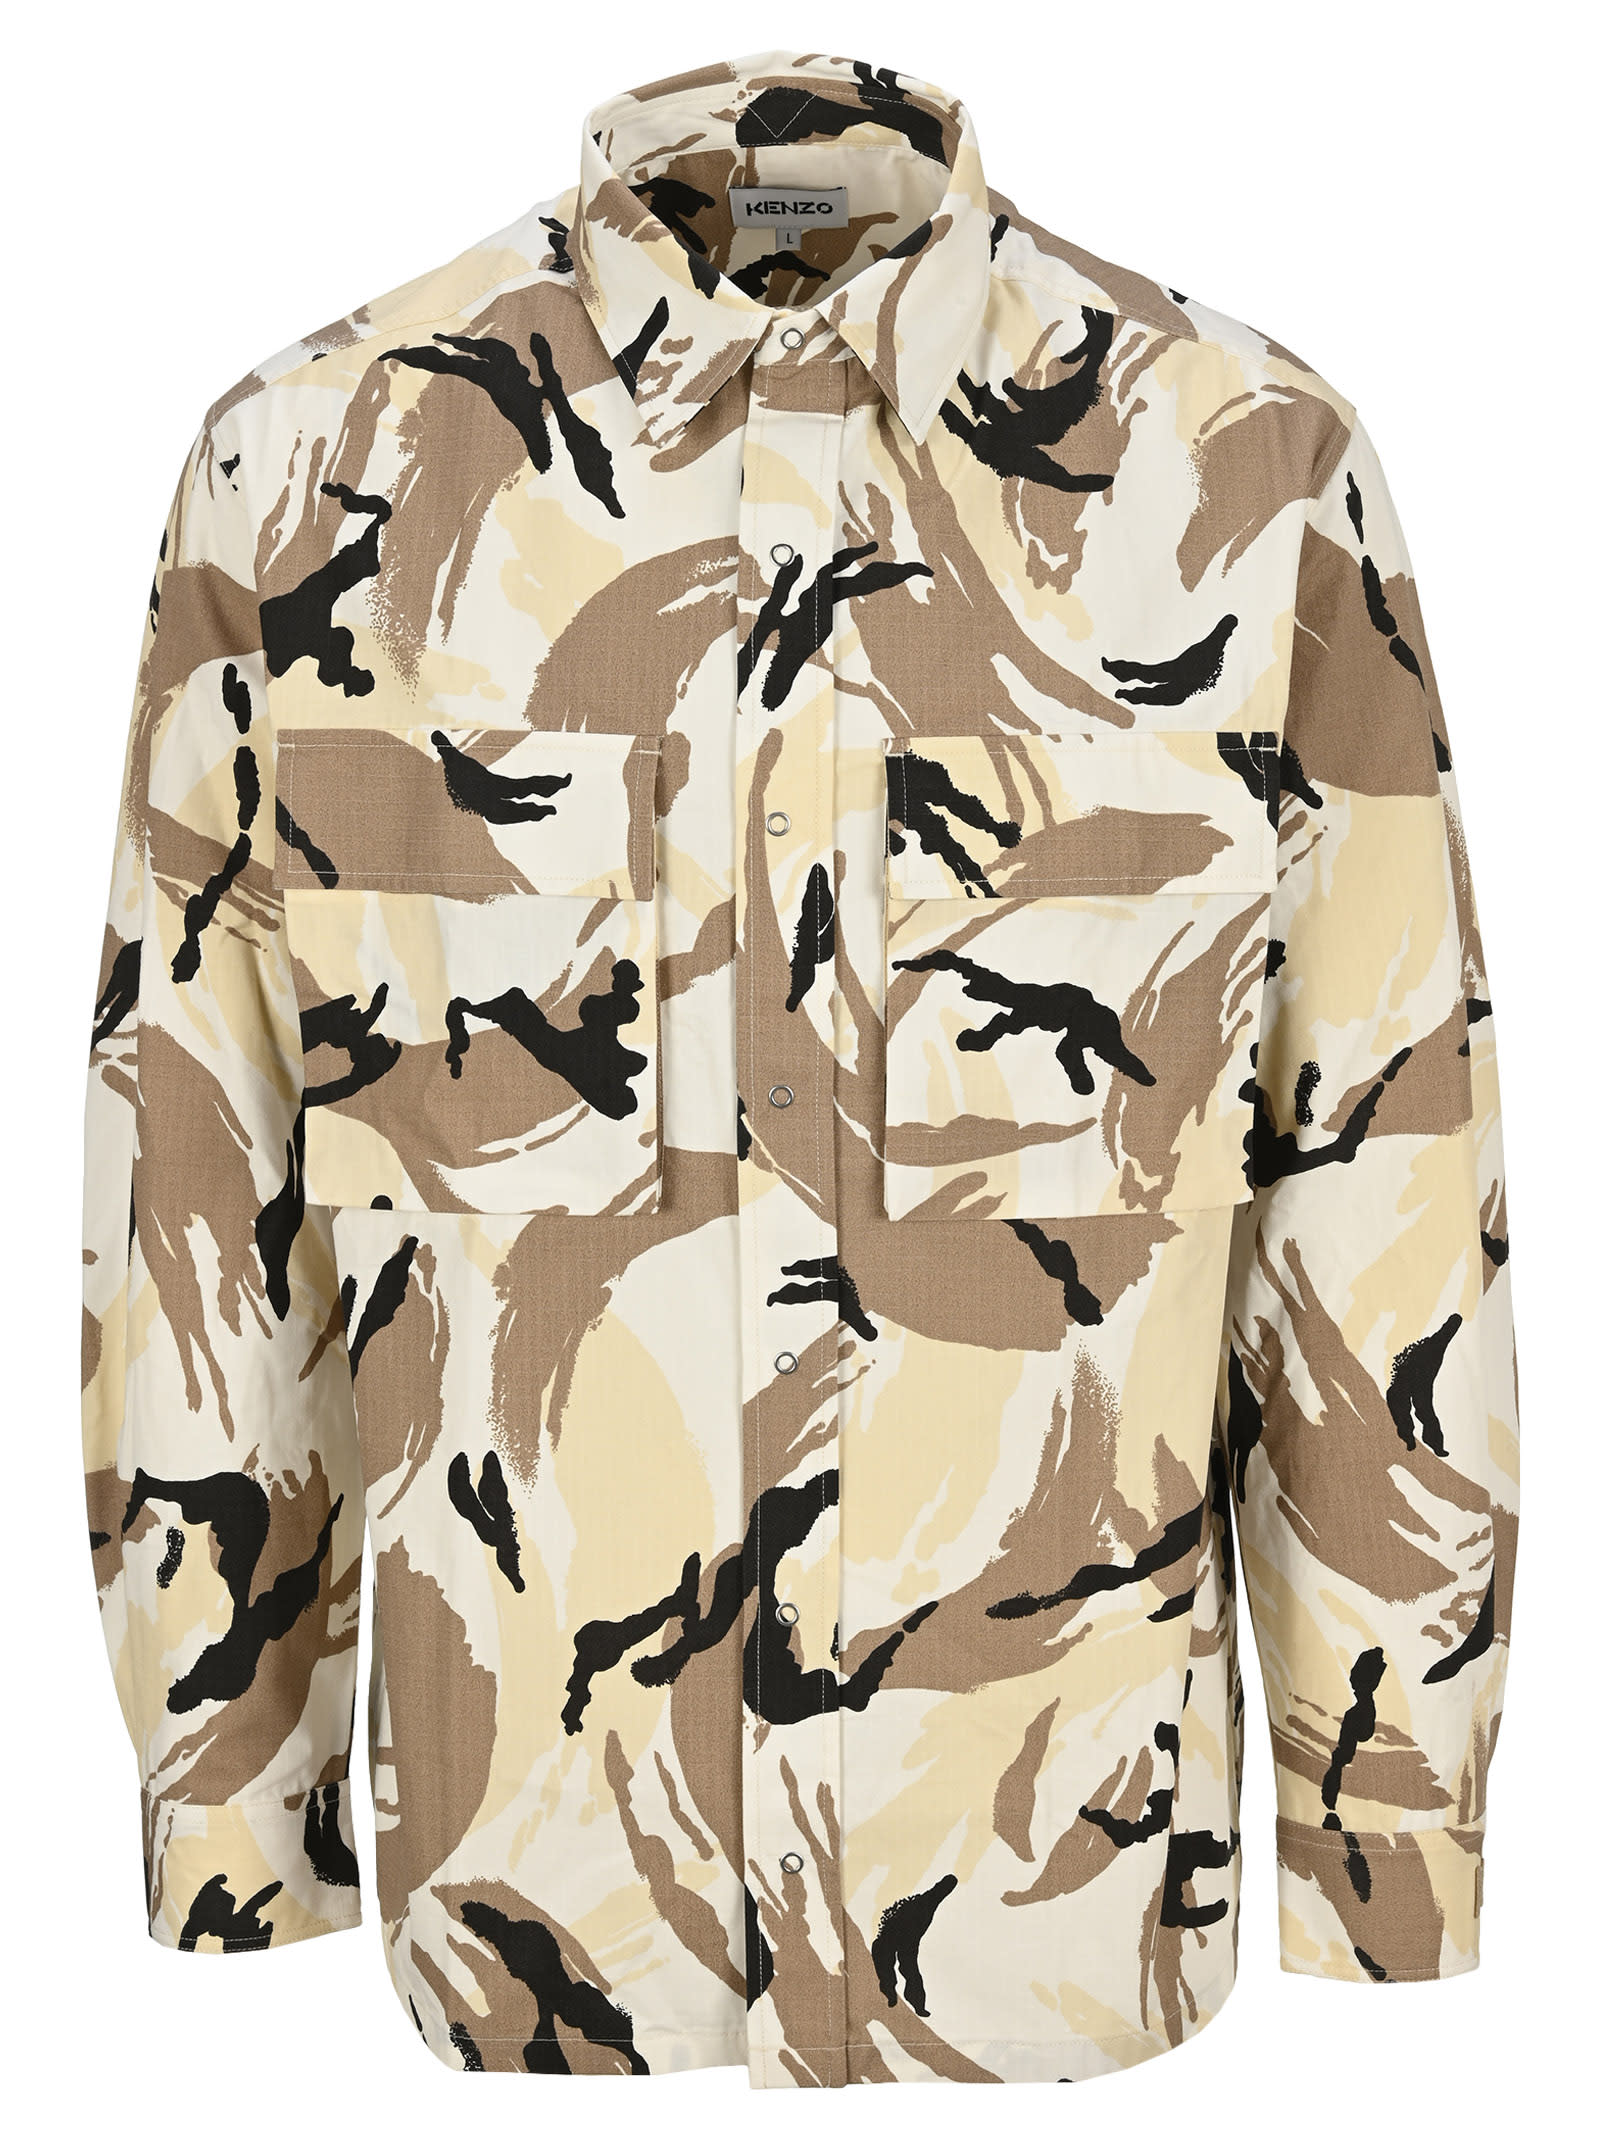 Kenzo Tropic Camo Overshirt